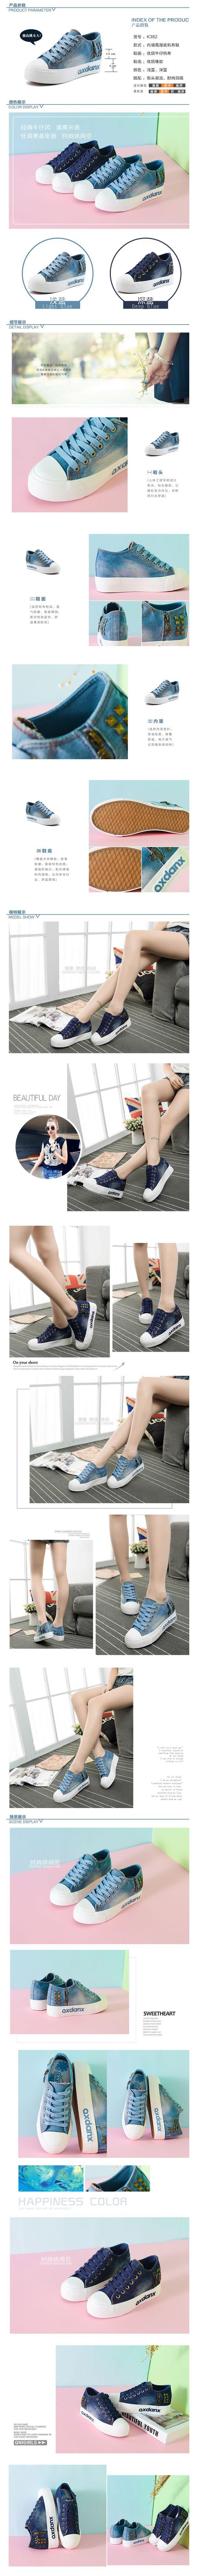 รองเท้าผ้าใบยีนส์ประดับหมุดเหล็ก35-40